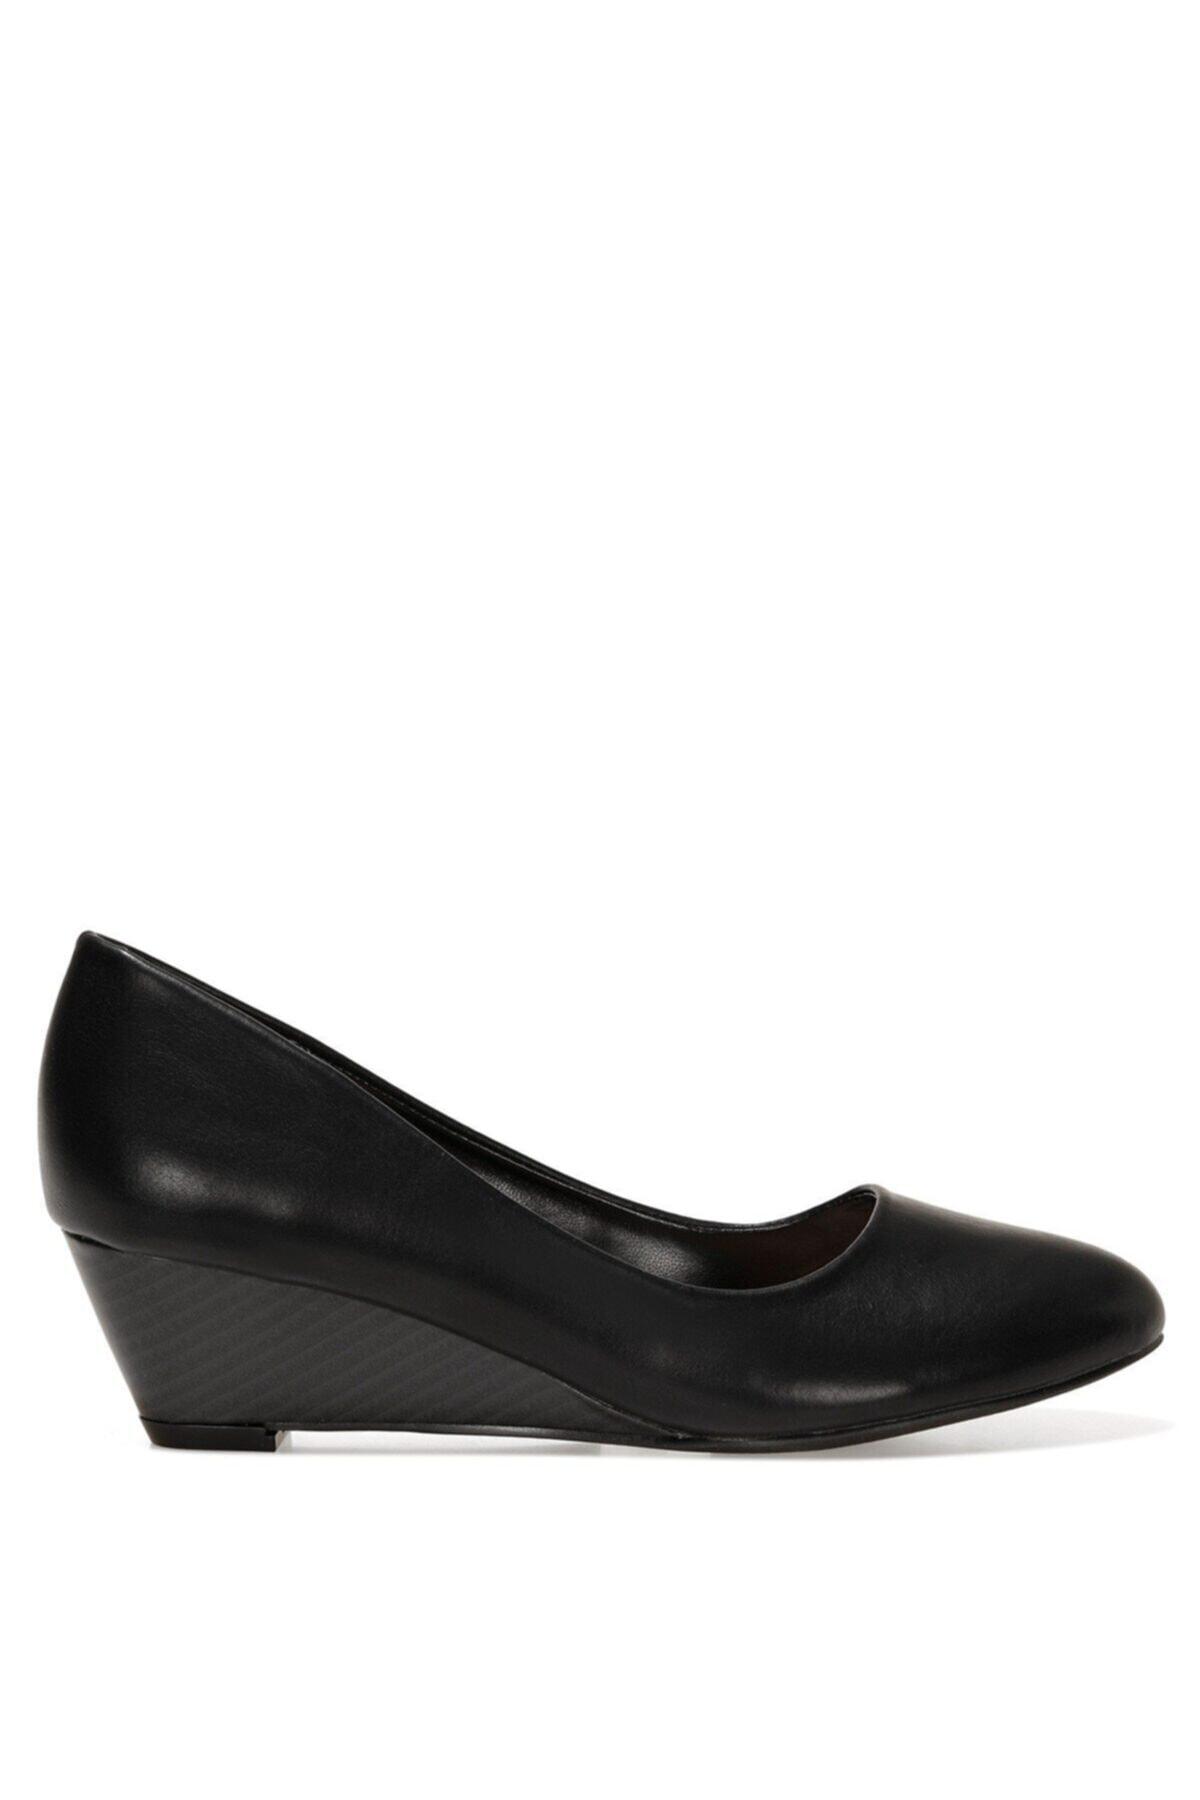 LICLA2 1FX Siyah Kadın Dolgu Topuklu Ayakkabı 101029385